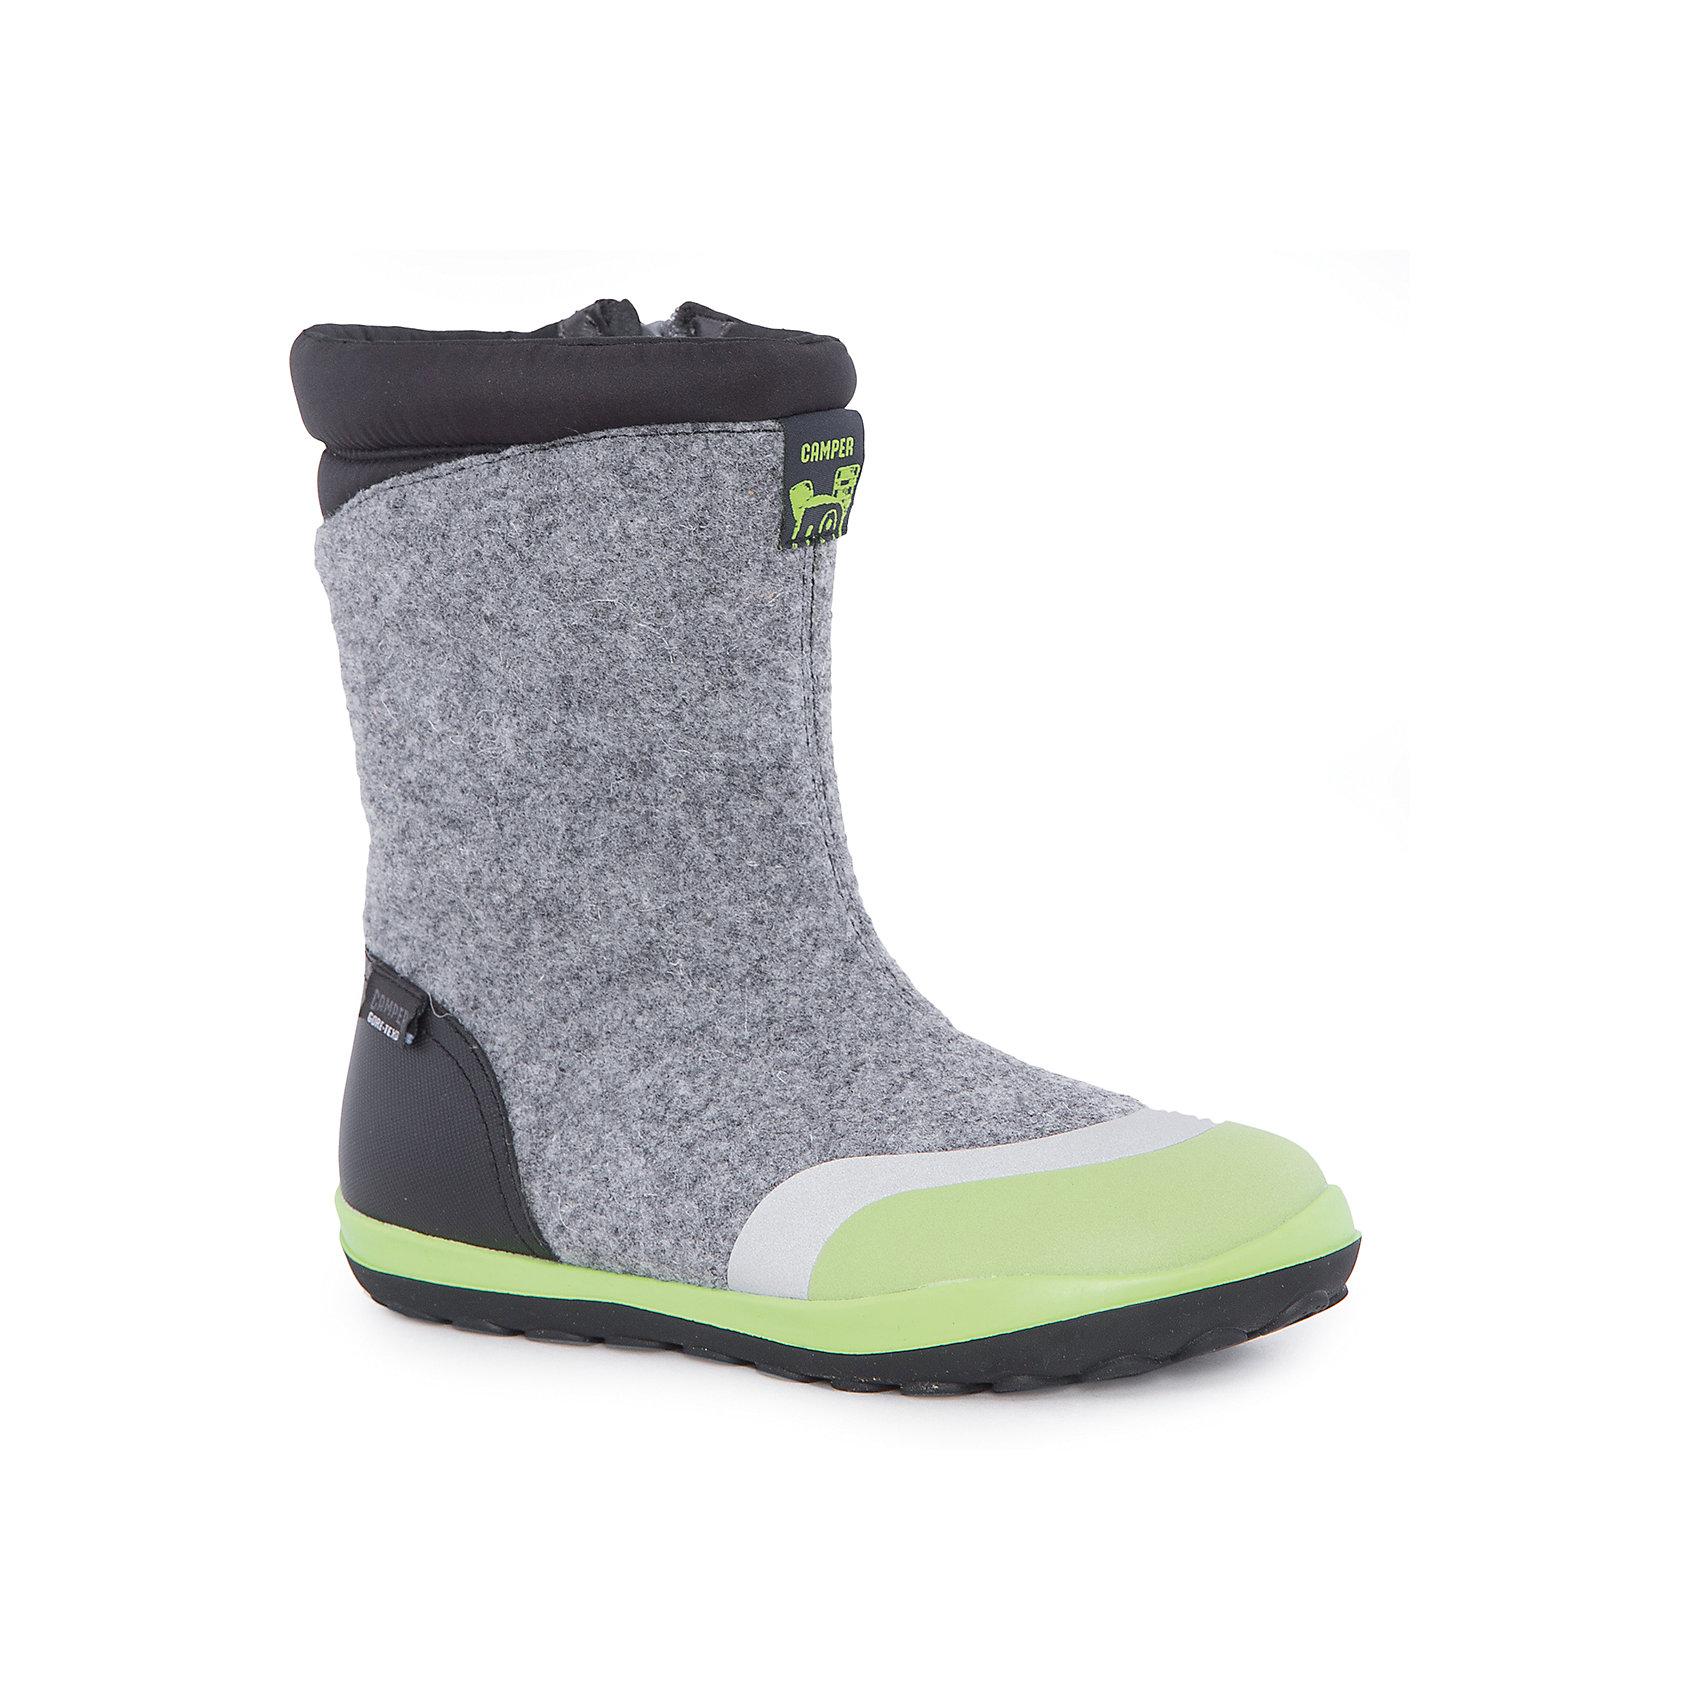 Валенки  CamperВаленки<br>Характеристики:<br><br>• Предназначение: повседневная обувь<br>• Сезон: зима<br>• Пол: универсальный<br>• Цвет: серый, черный, салатовый<br>• Материал верха и стельки: кожа, войлок<br>• Материал подошвы: резина<br>• Тип каблука и подошвы: плоская<br>• Тип застежки: молния боковая<br>• Уход: удаление загрязнений мягкой тканью или щеткой для обуви<br><br>Сапоги Camper изготовлены испанским торговым брендом, специализирующимся на производстве обуви премиум-класса. Детская обувь Camper учитывает анатомические особенности детской растущей ноги, поэтому при ее изготовливлениииспользуются материалы самого высокого качества. Сапоги выполнены из сочетания кожи и войлока, все элементы верха прошиты. Эта модель обуви выполнена с повышенным внутренним утеплением. Сапоги классического стиля представлены в ярком дизайне. Обувь отличается высокой прочностью, износостойкостью, но при этом легким весом и гибкостью. <br><br>Сапоги Camper можно купить в нашем интернет-магазине.<br><br>Ширина мм: 257<br>Глубина мм: 180<br>Высота мм: 130<br>Вес г: 420<br>Цвет: разноцветный<br>Возраст от месяцев: 84<br>Возраст до месяцев: 96<br>Пол: Унисекс<br>Возраст: Детский<br>Размер: 31,33,35,37,34,36,38,32<br>SKU: 4974973